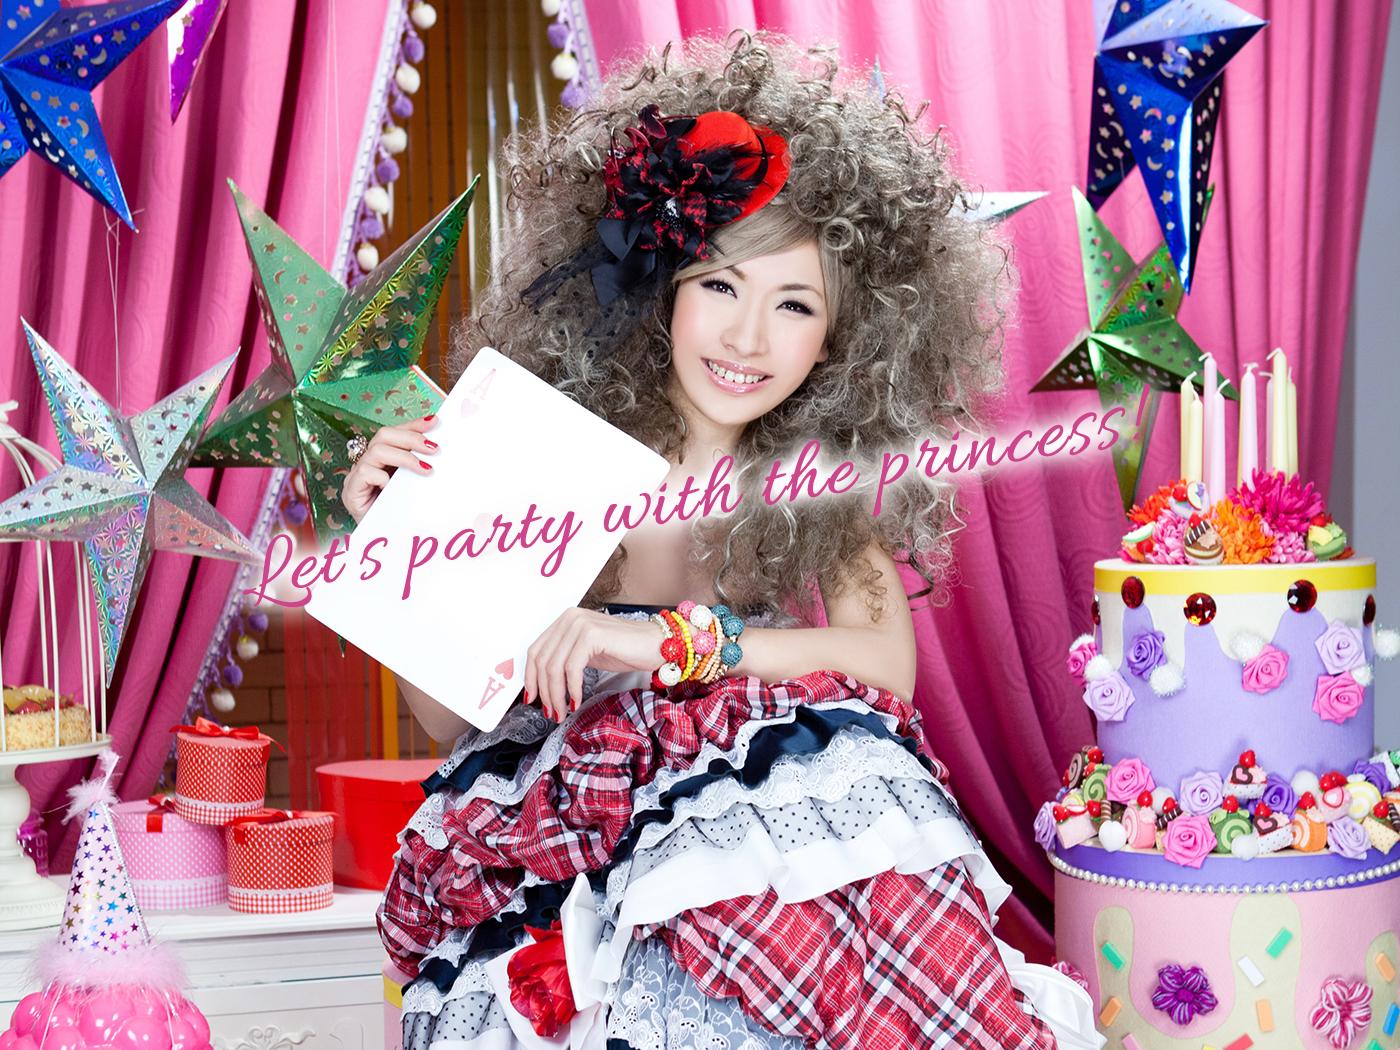 マジシャン荒木巴のコラム「Let's party with the princess!」